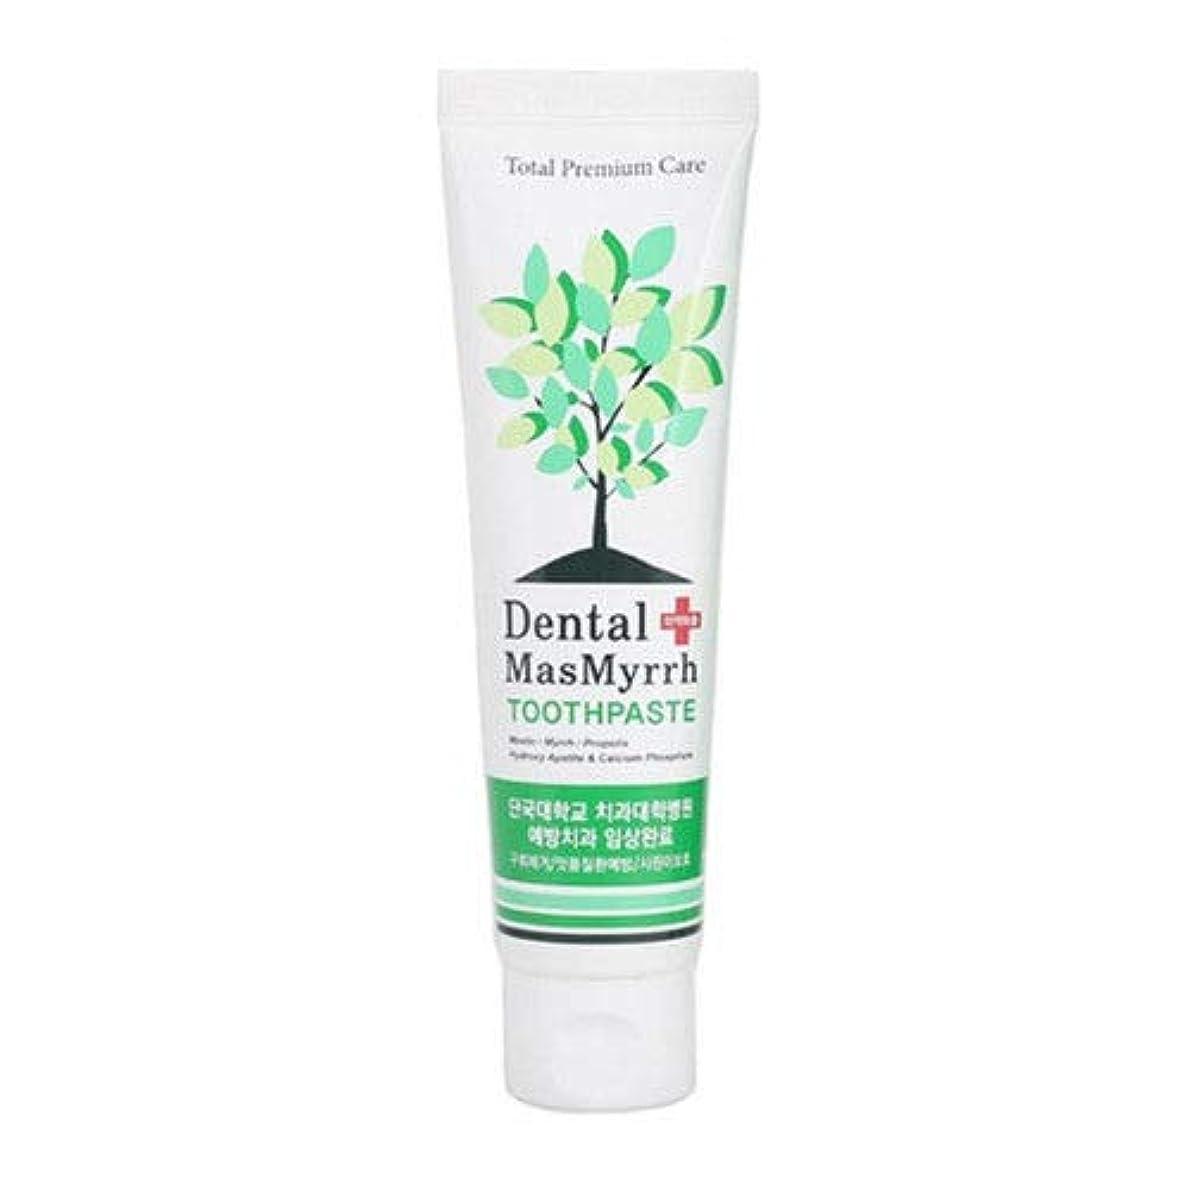 恩恵物理的な不利益天然 ナチュラル キシリトール 歯磨き粉 Natural Hernal Xylitol Anti-plague PBL Tube 歯科用 ハミガキ粉 - 130g[並行輸入品]